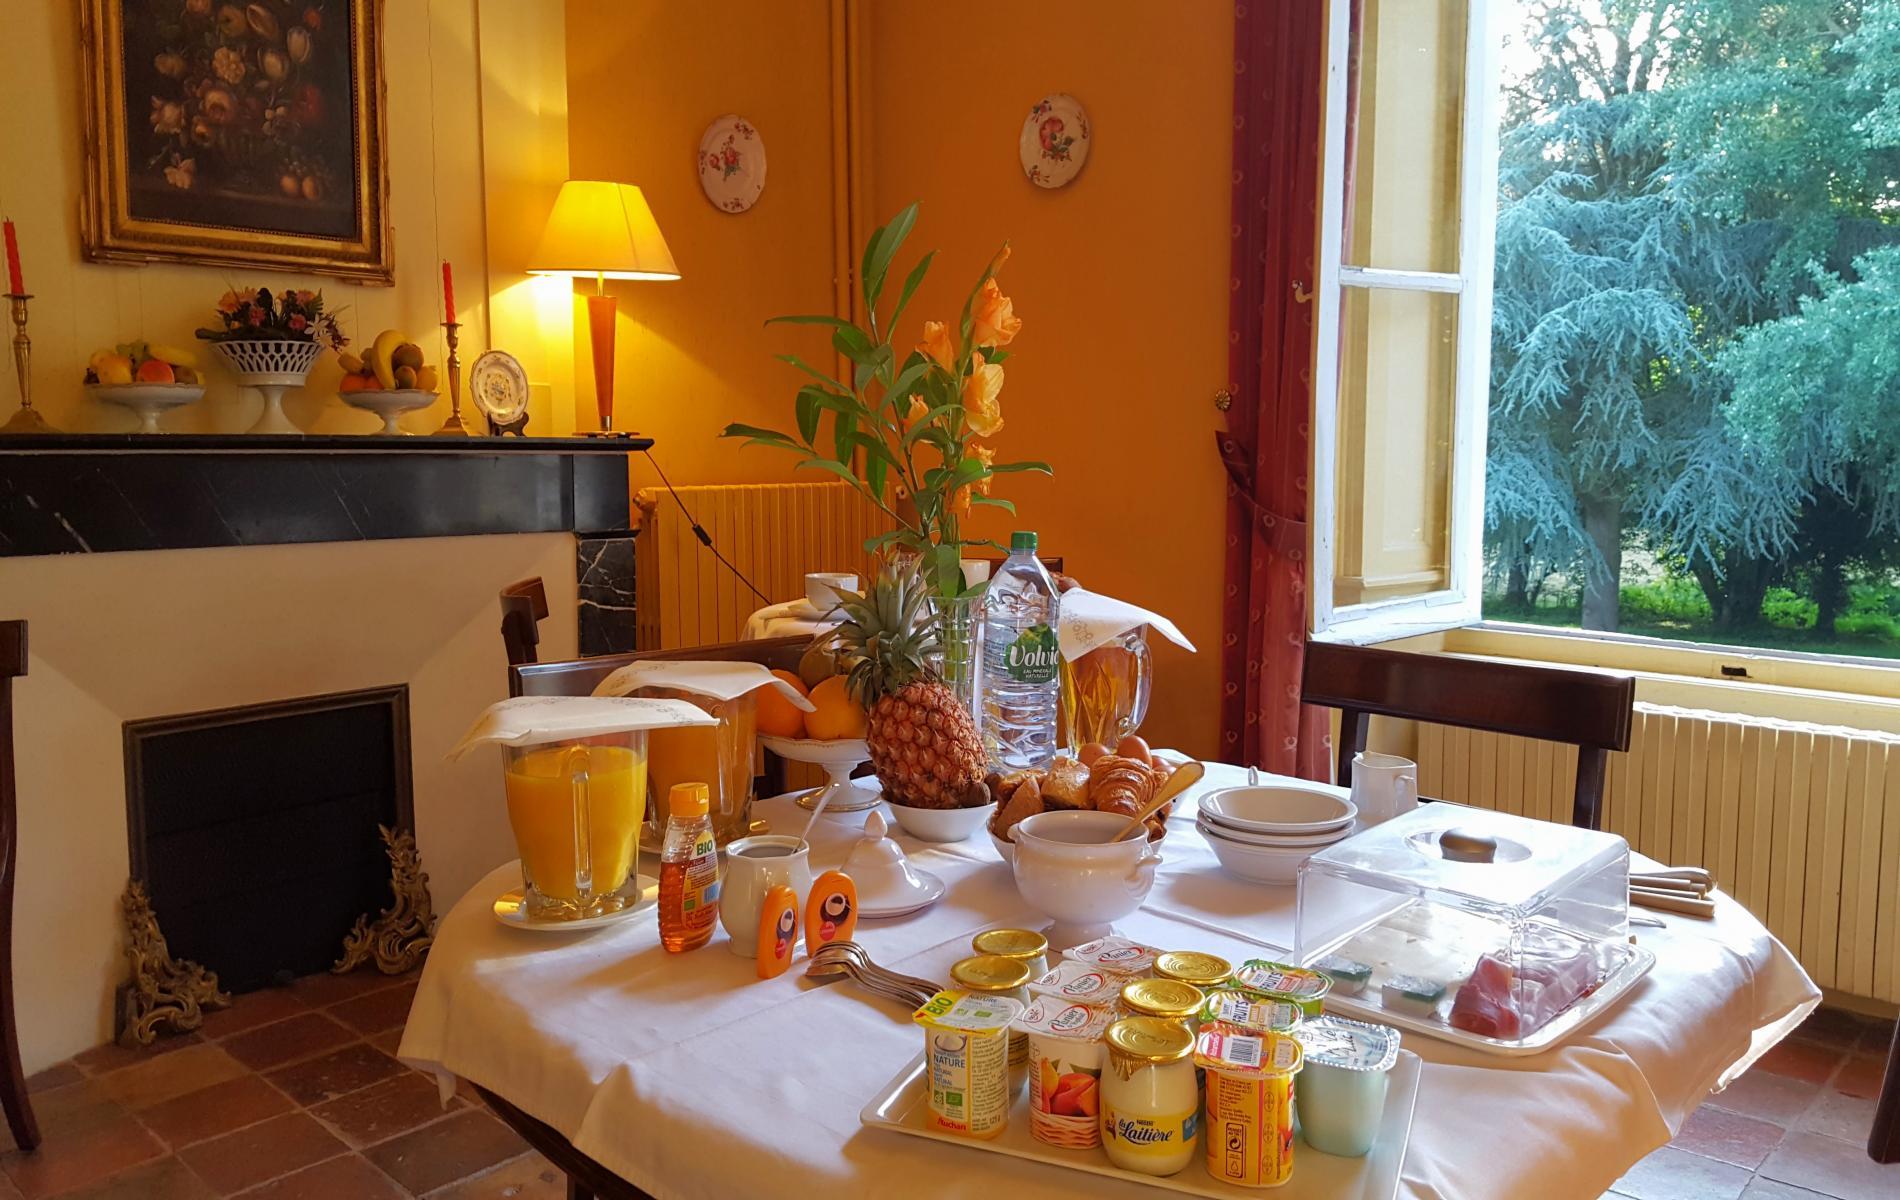 Nos petits-déjeuners sont servis sous forme de buffet